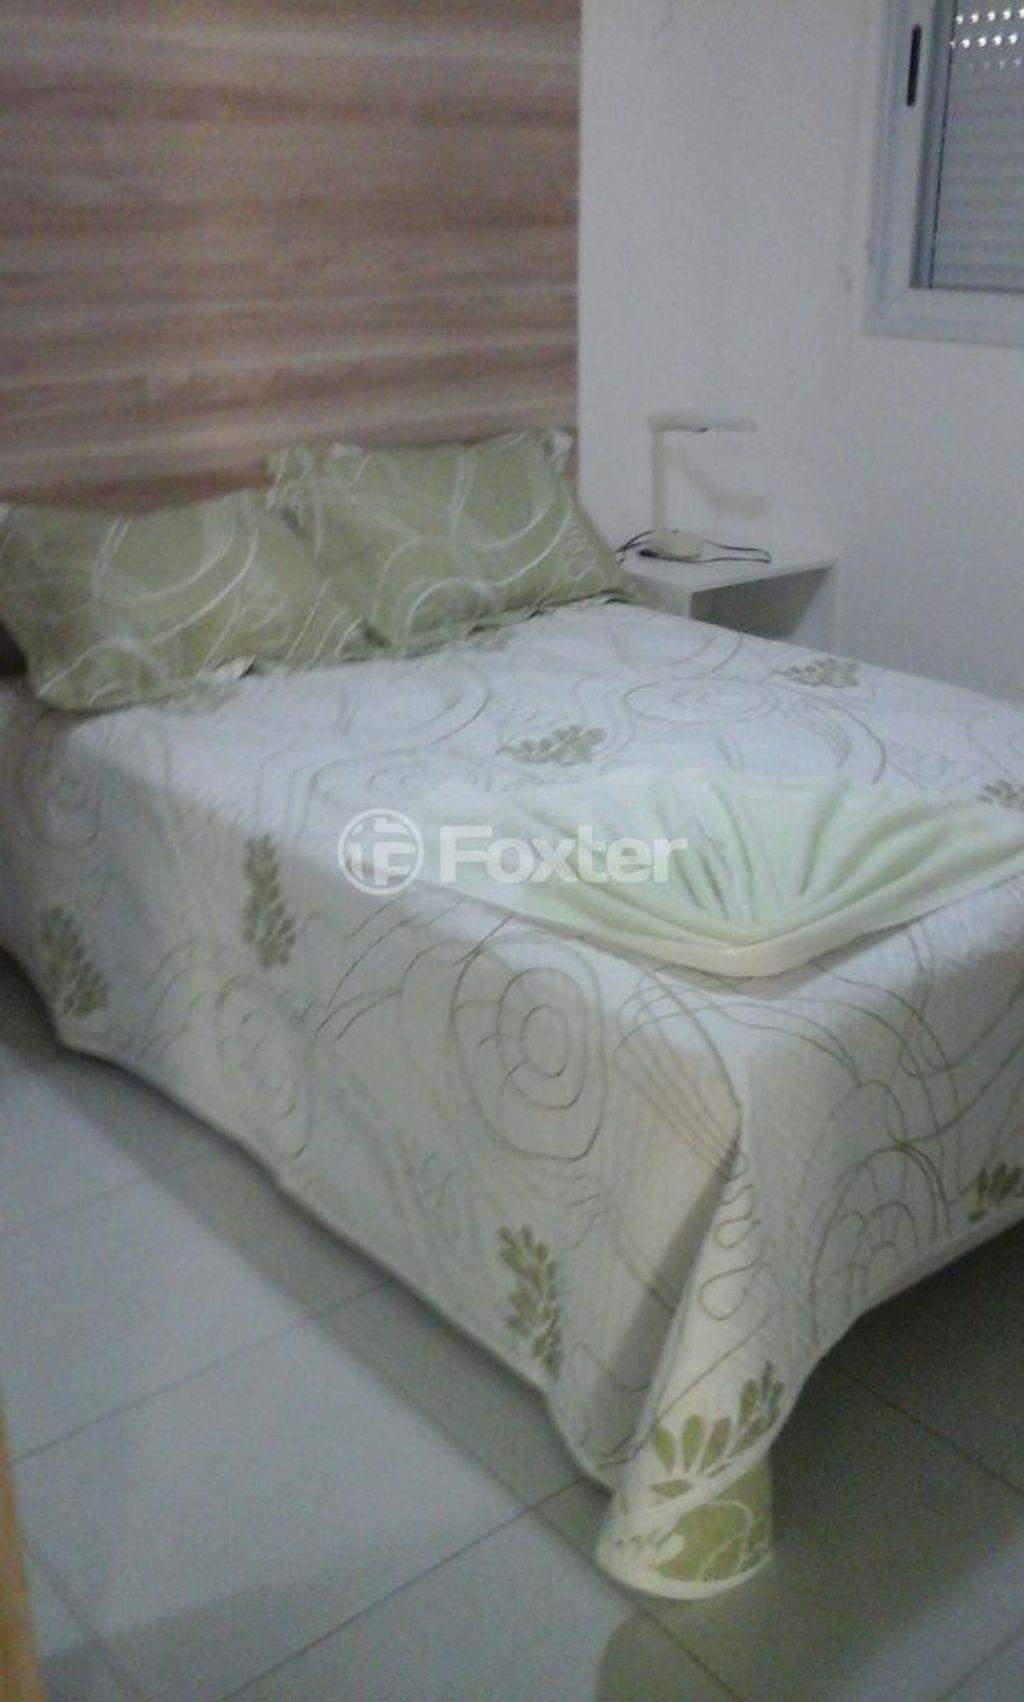 Foxter Imobiliária - Apto 3 Dorm, Florianópolis - Foto 7